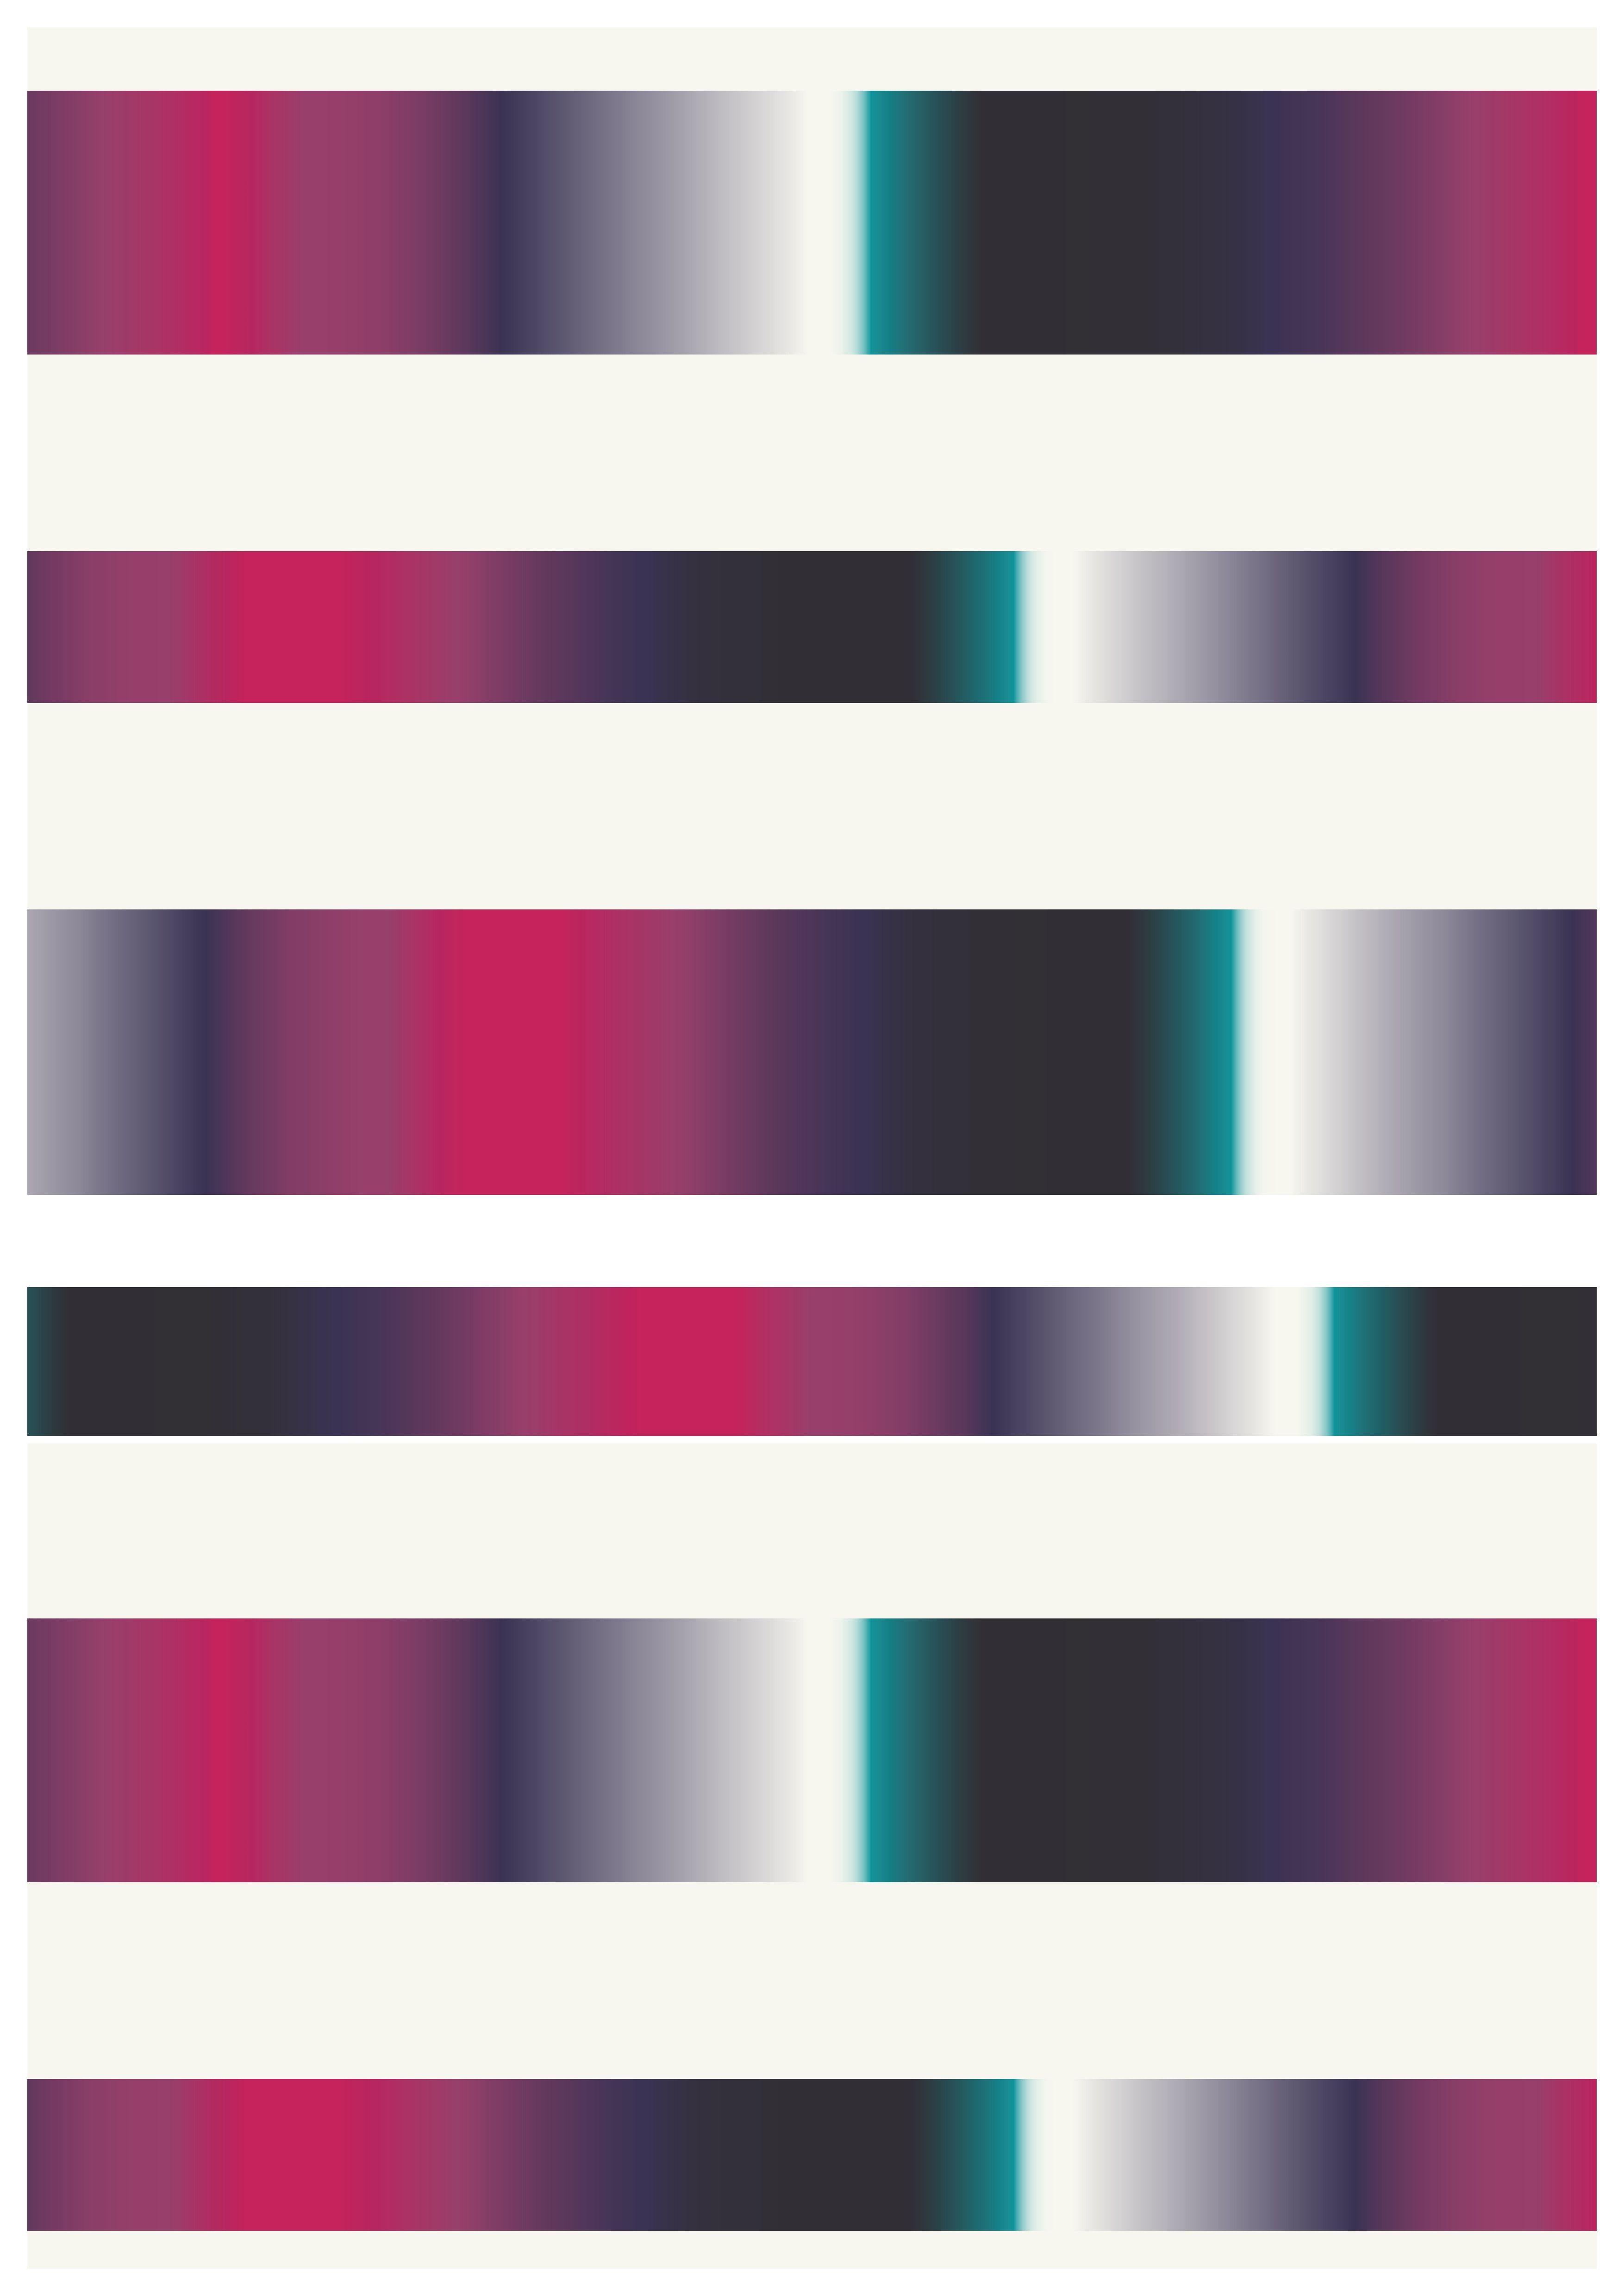 Pin by kate whelchel on 2017 prints patterns pinterest - Pantone textil gratis ...